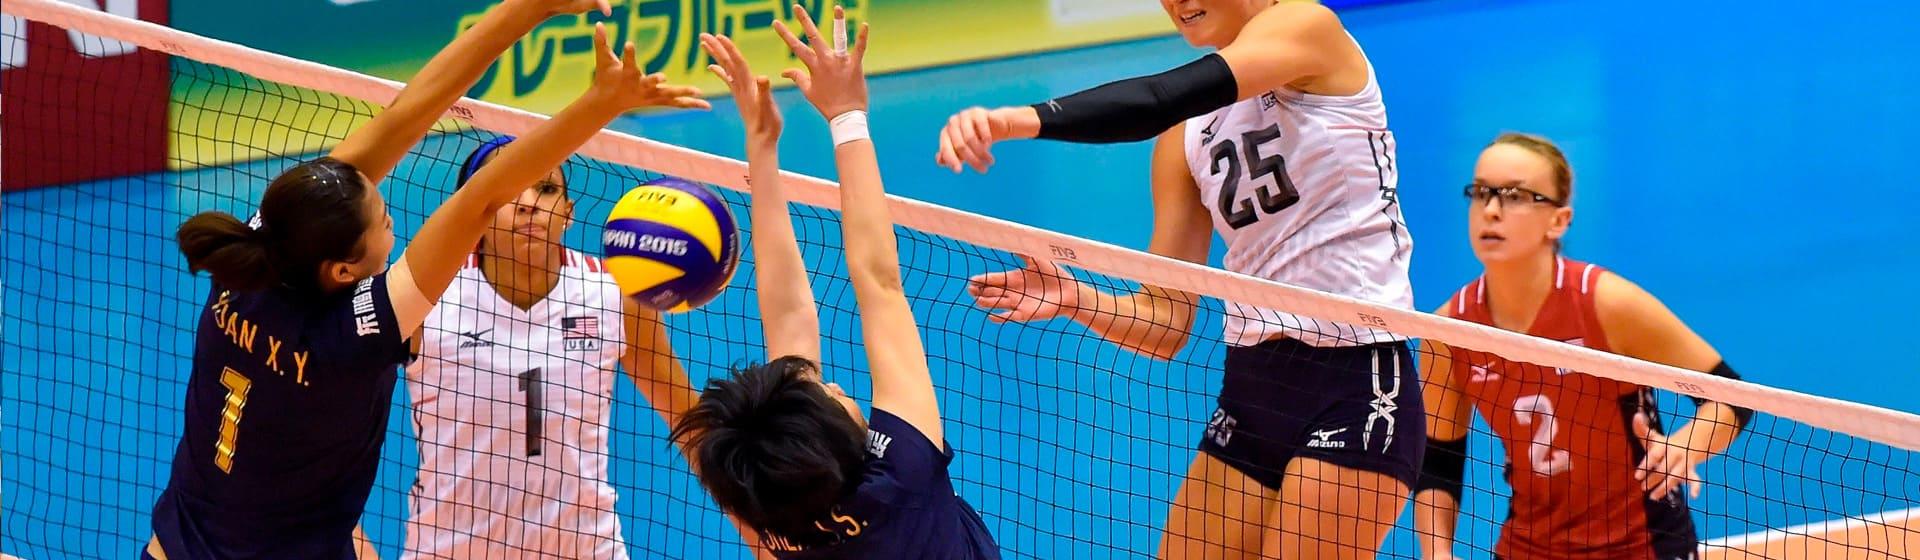 Волейбол - Мерч и одежда с атрибутикой